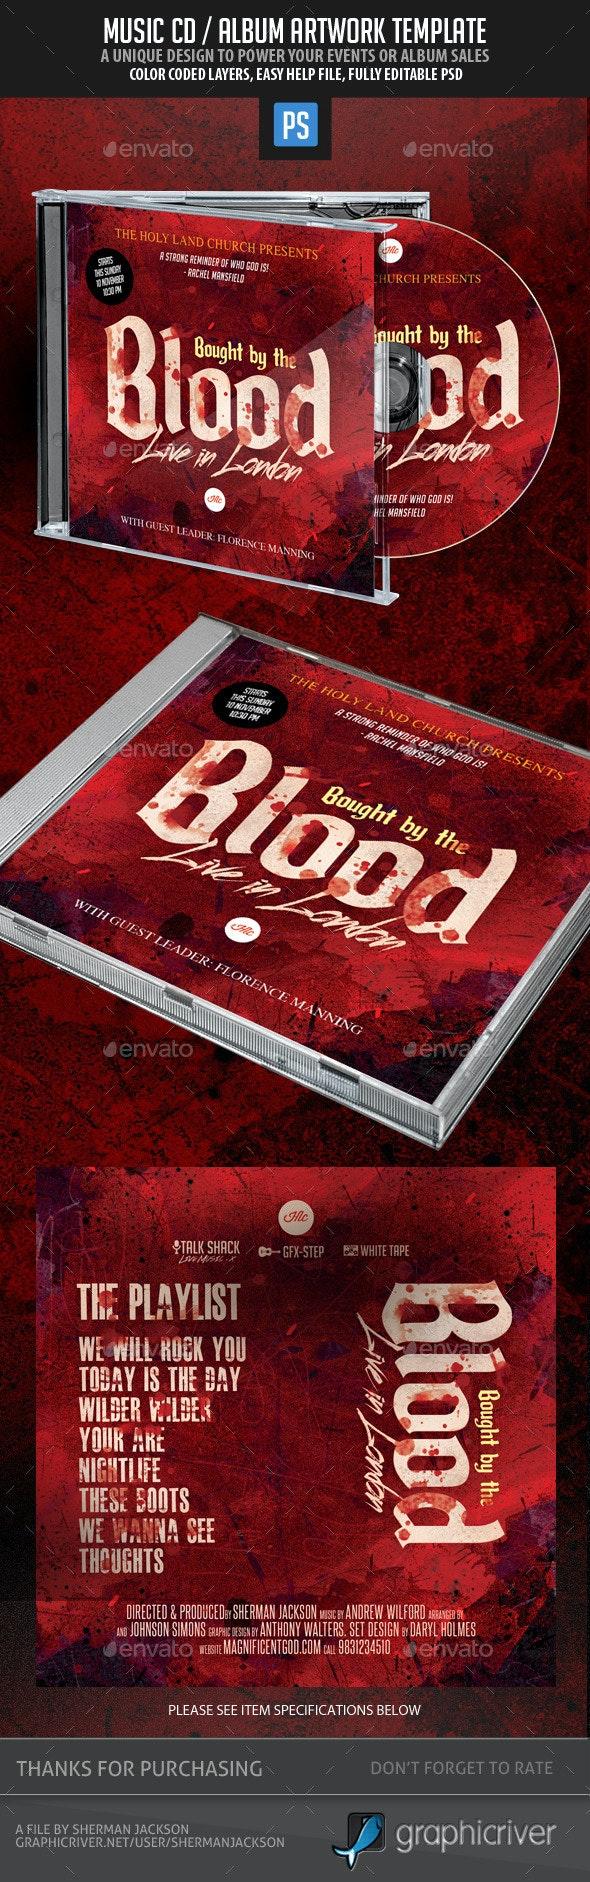 Christian Themed Music CD Album Artwork - CD & DVD Artwork Print Templates